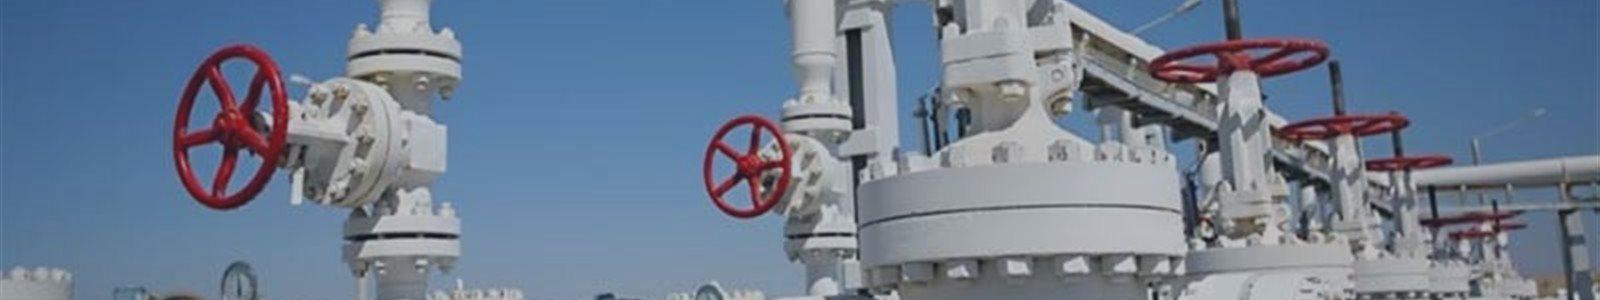 Европа начала активно отбирать газ из хранилищ